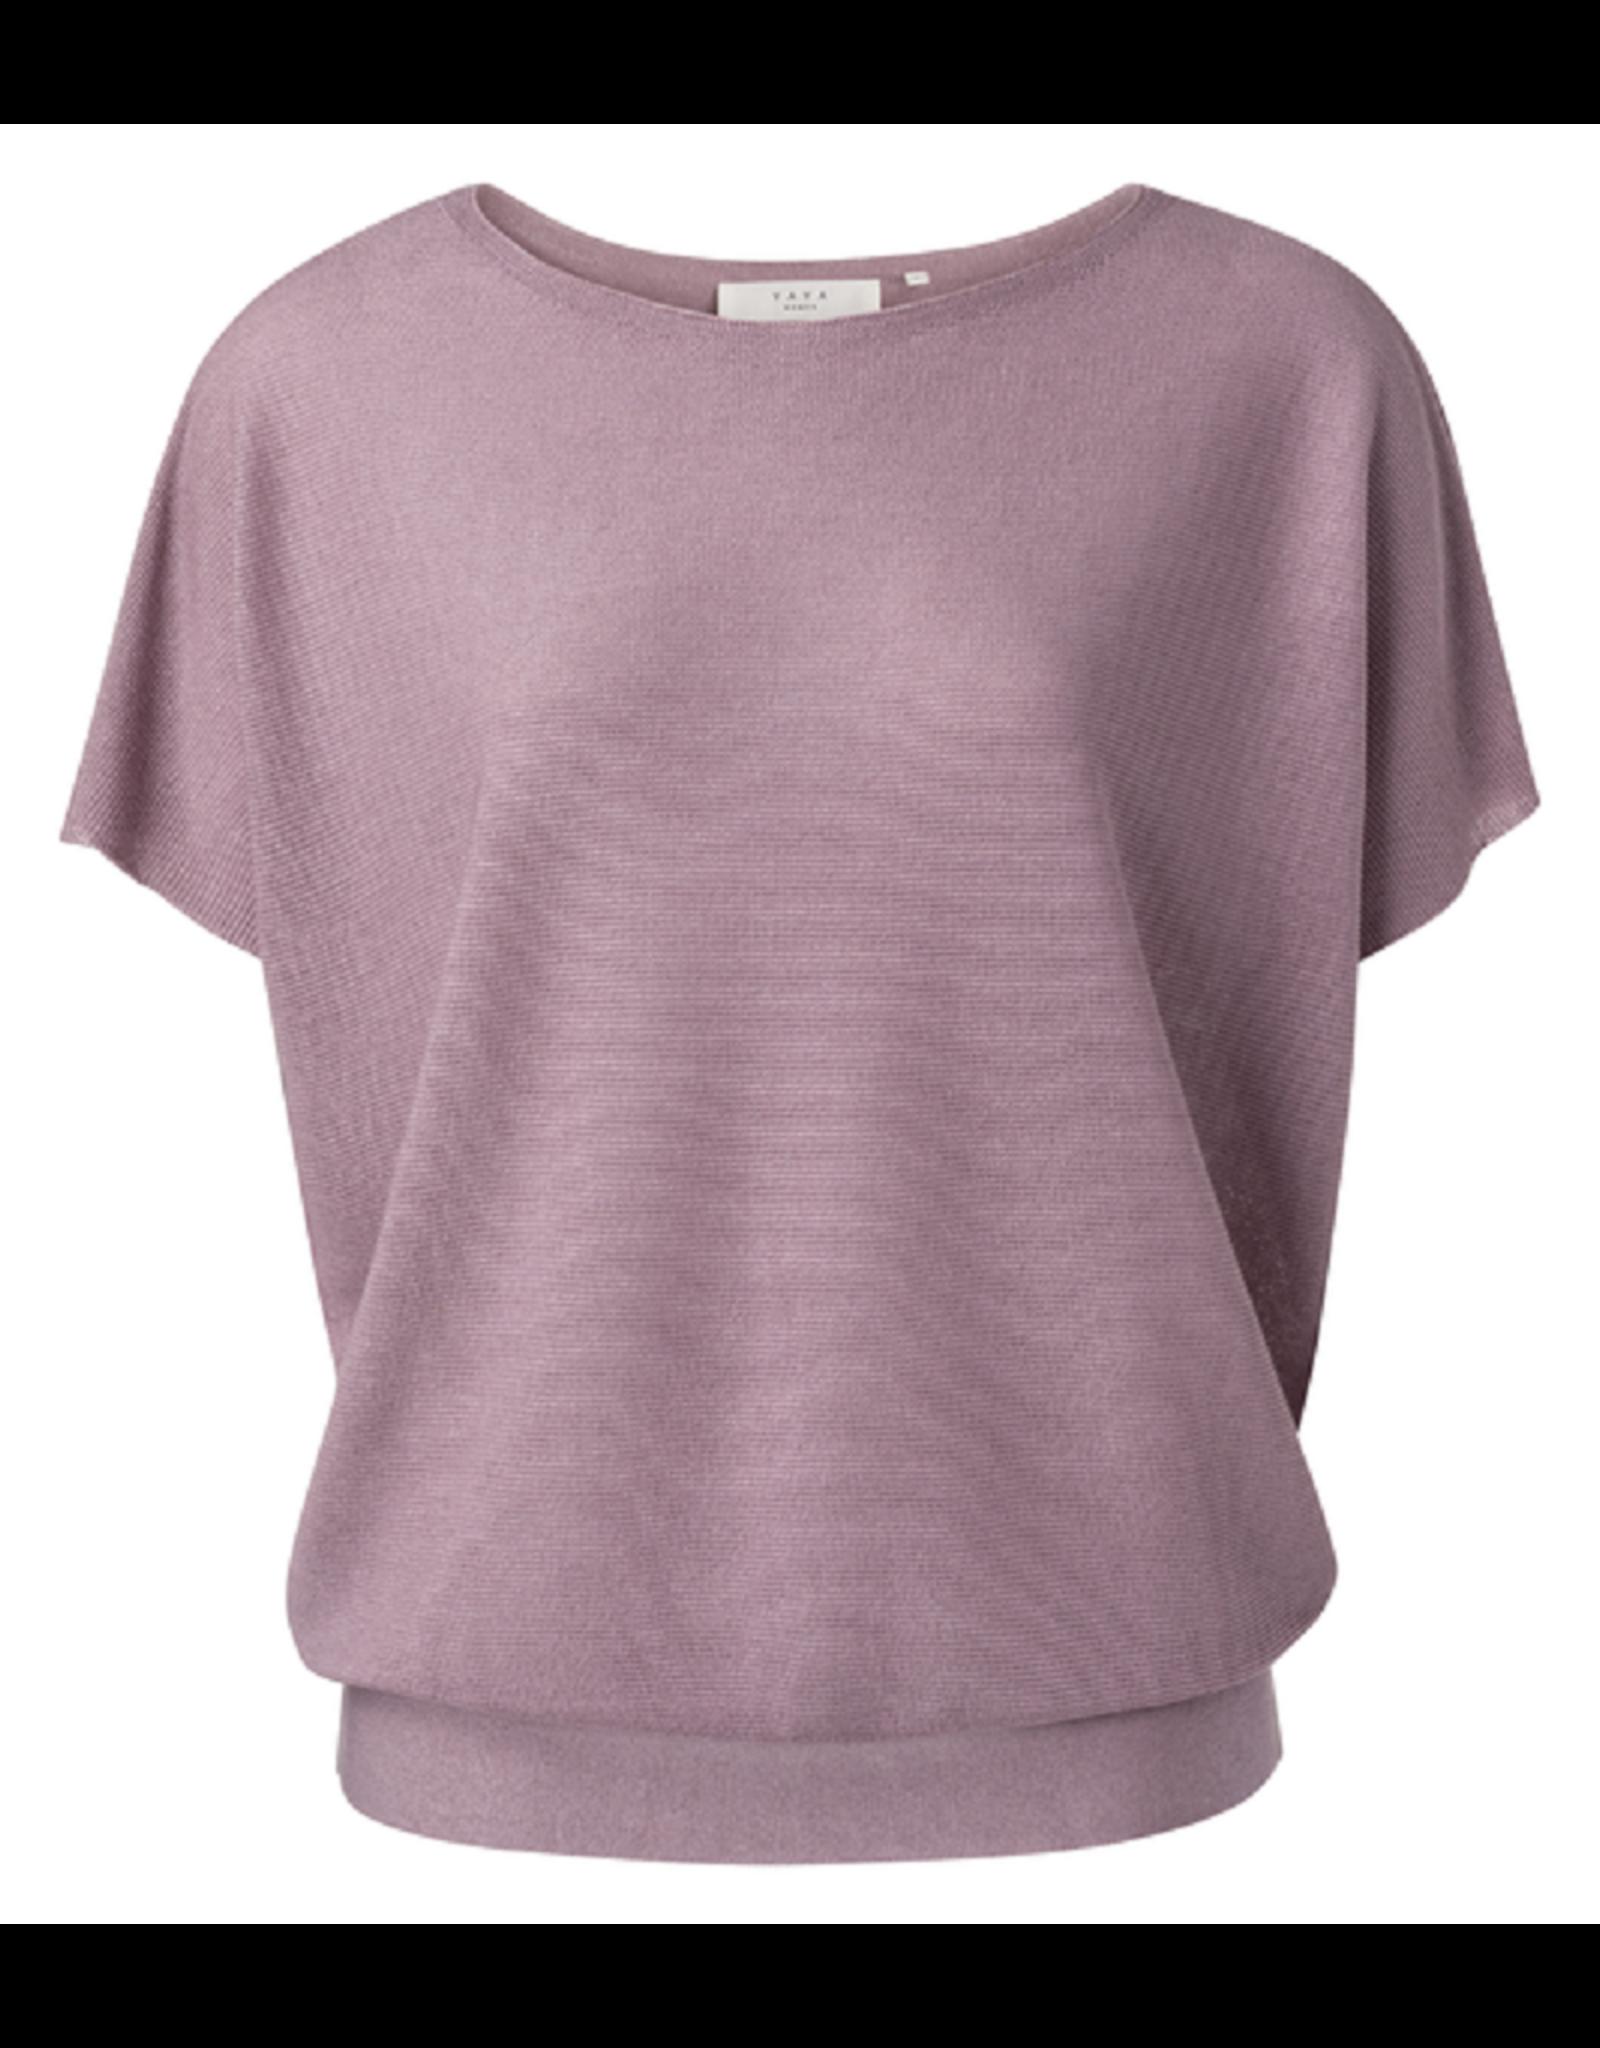 YAYA YAYA Slik blend sweater rib detail Lilac